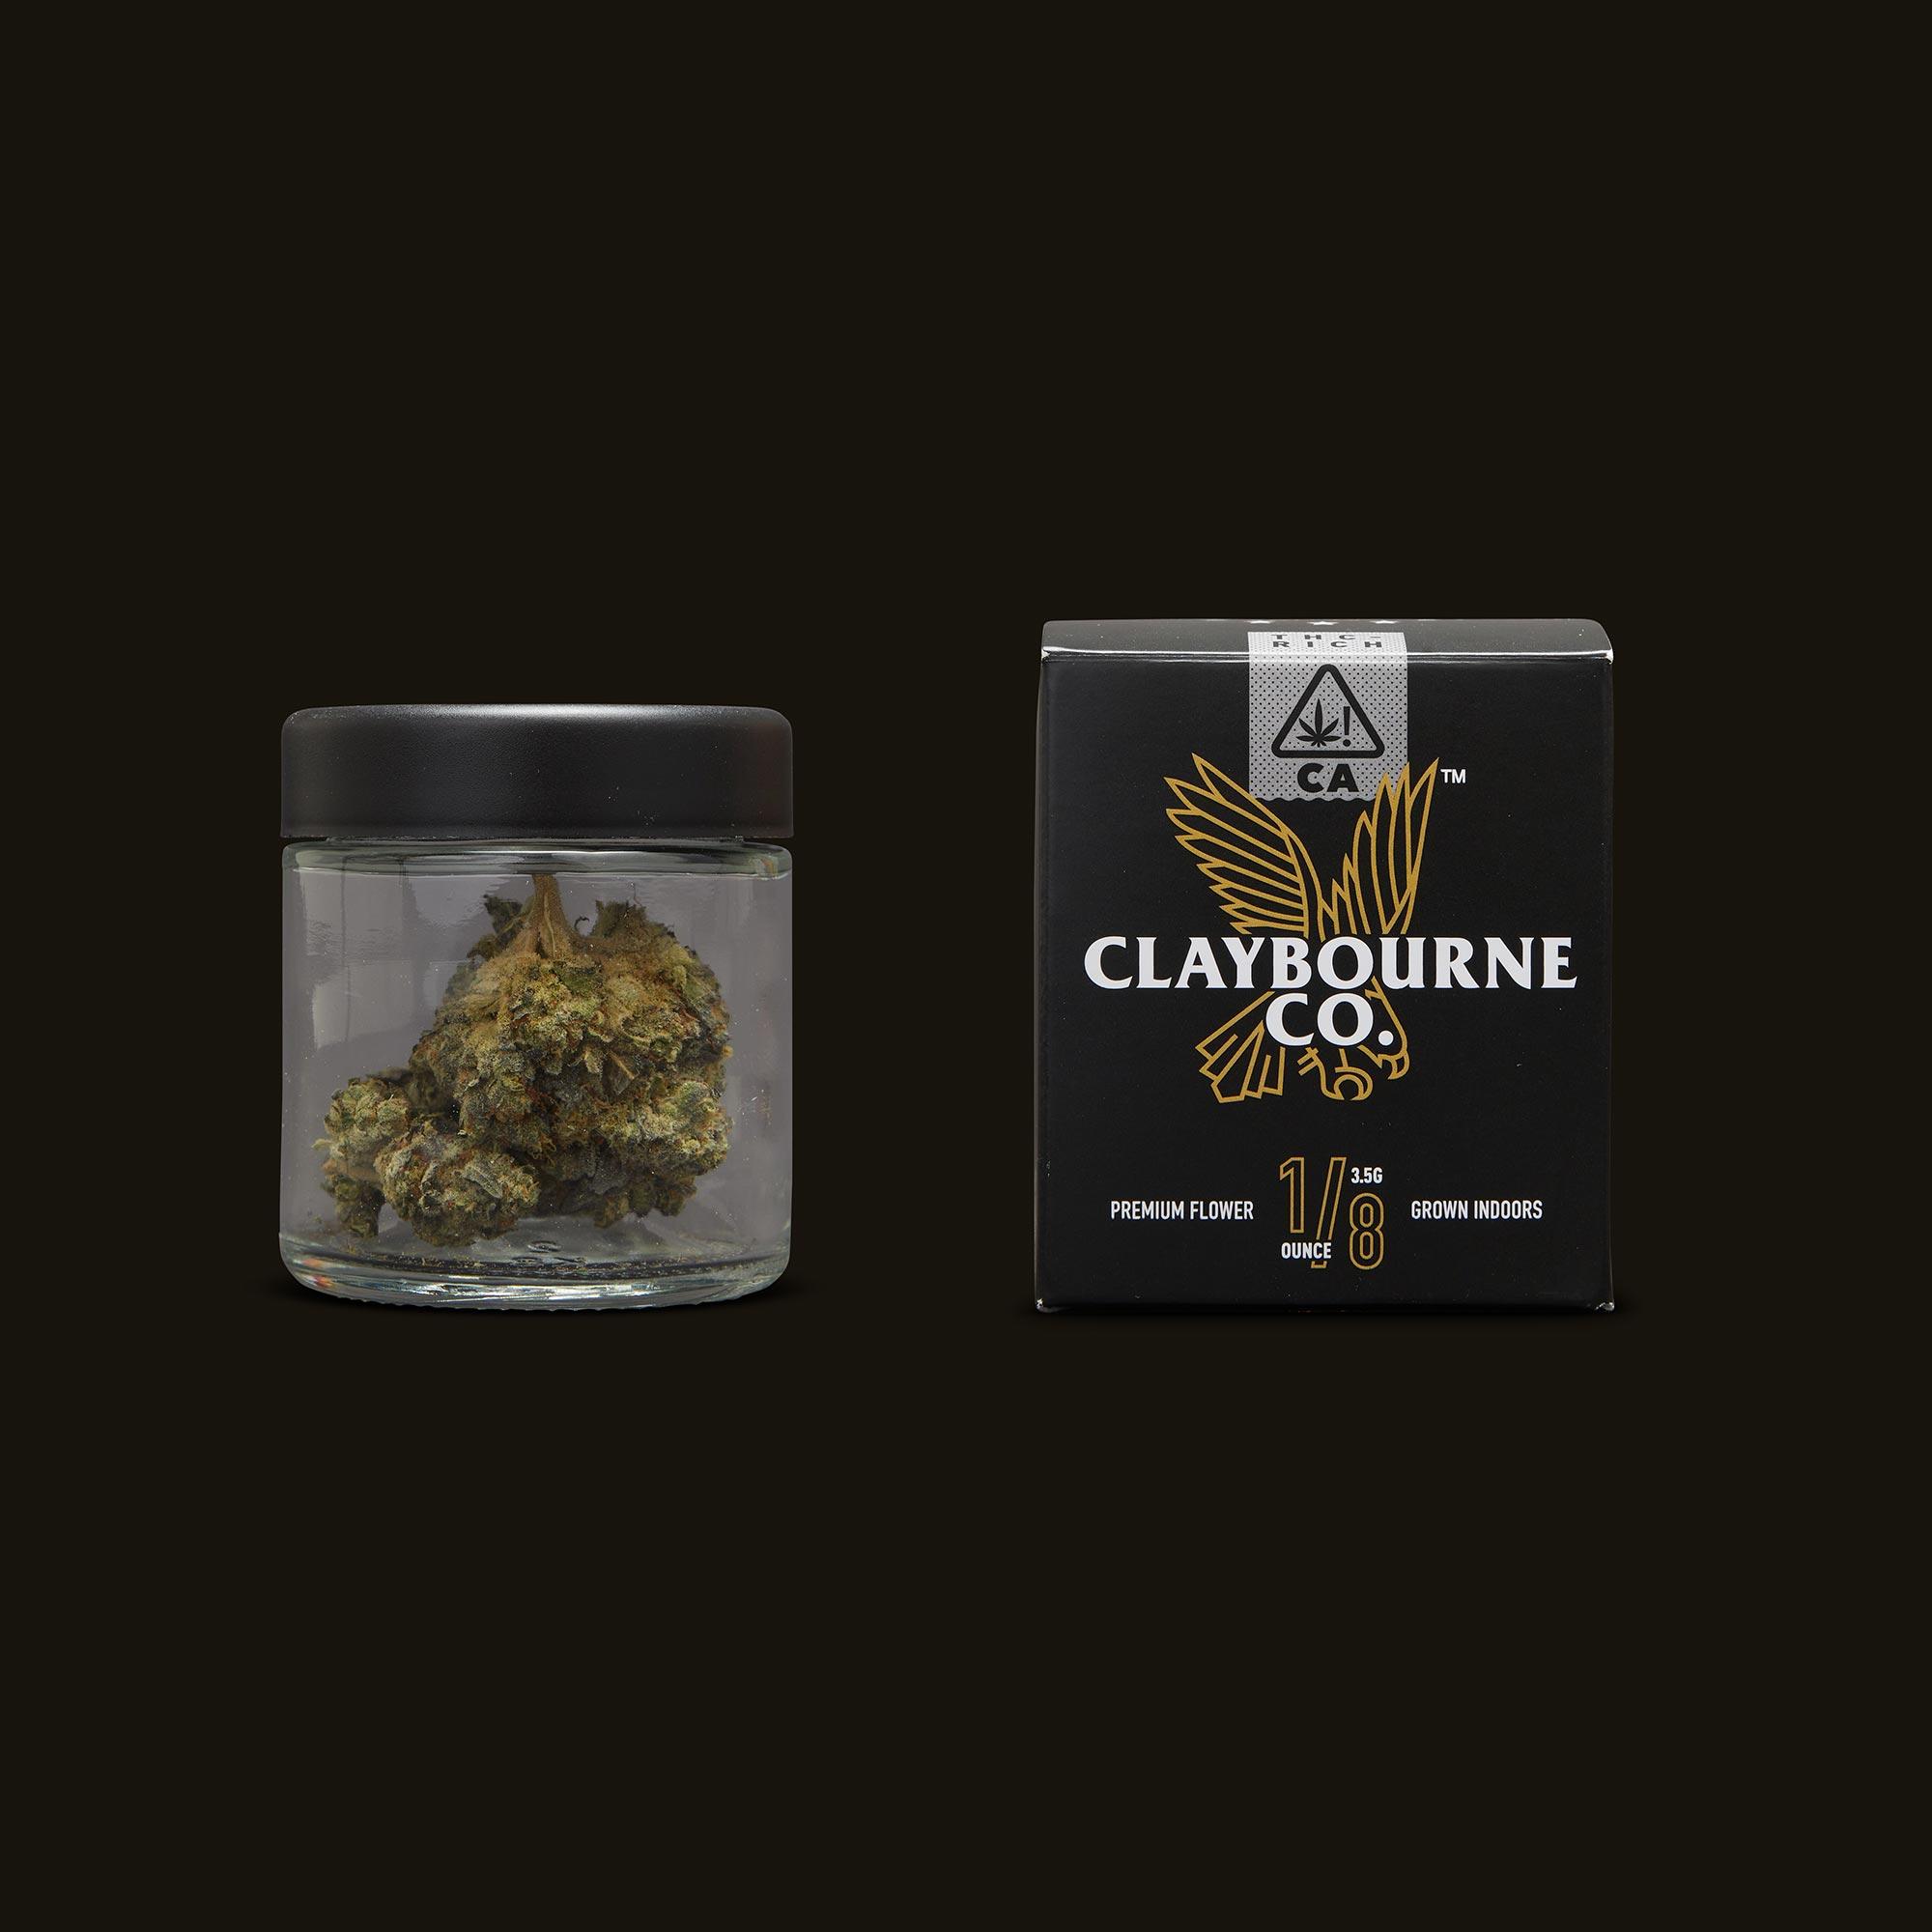 Claybourne Co. Jack Herer